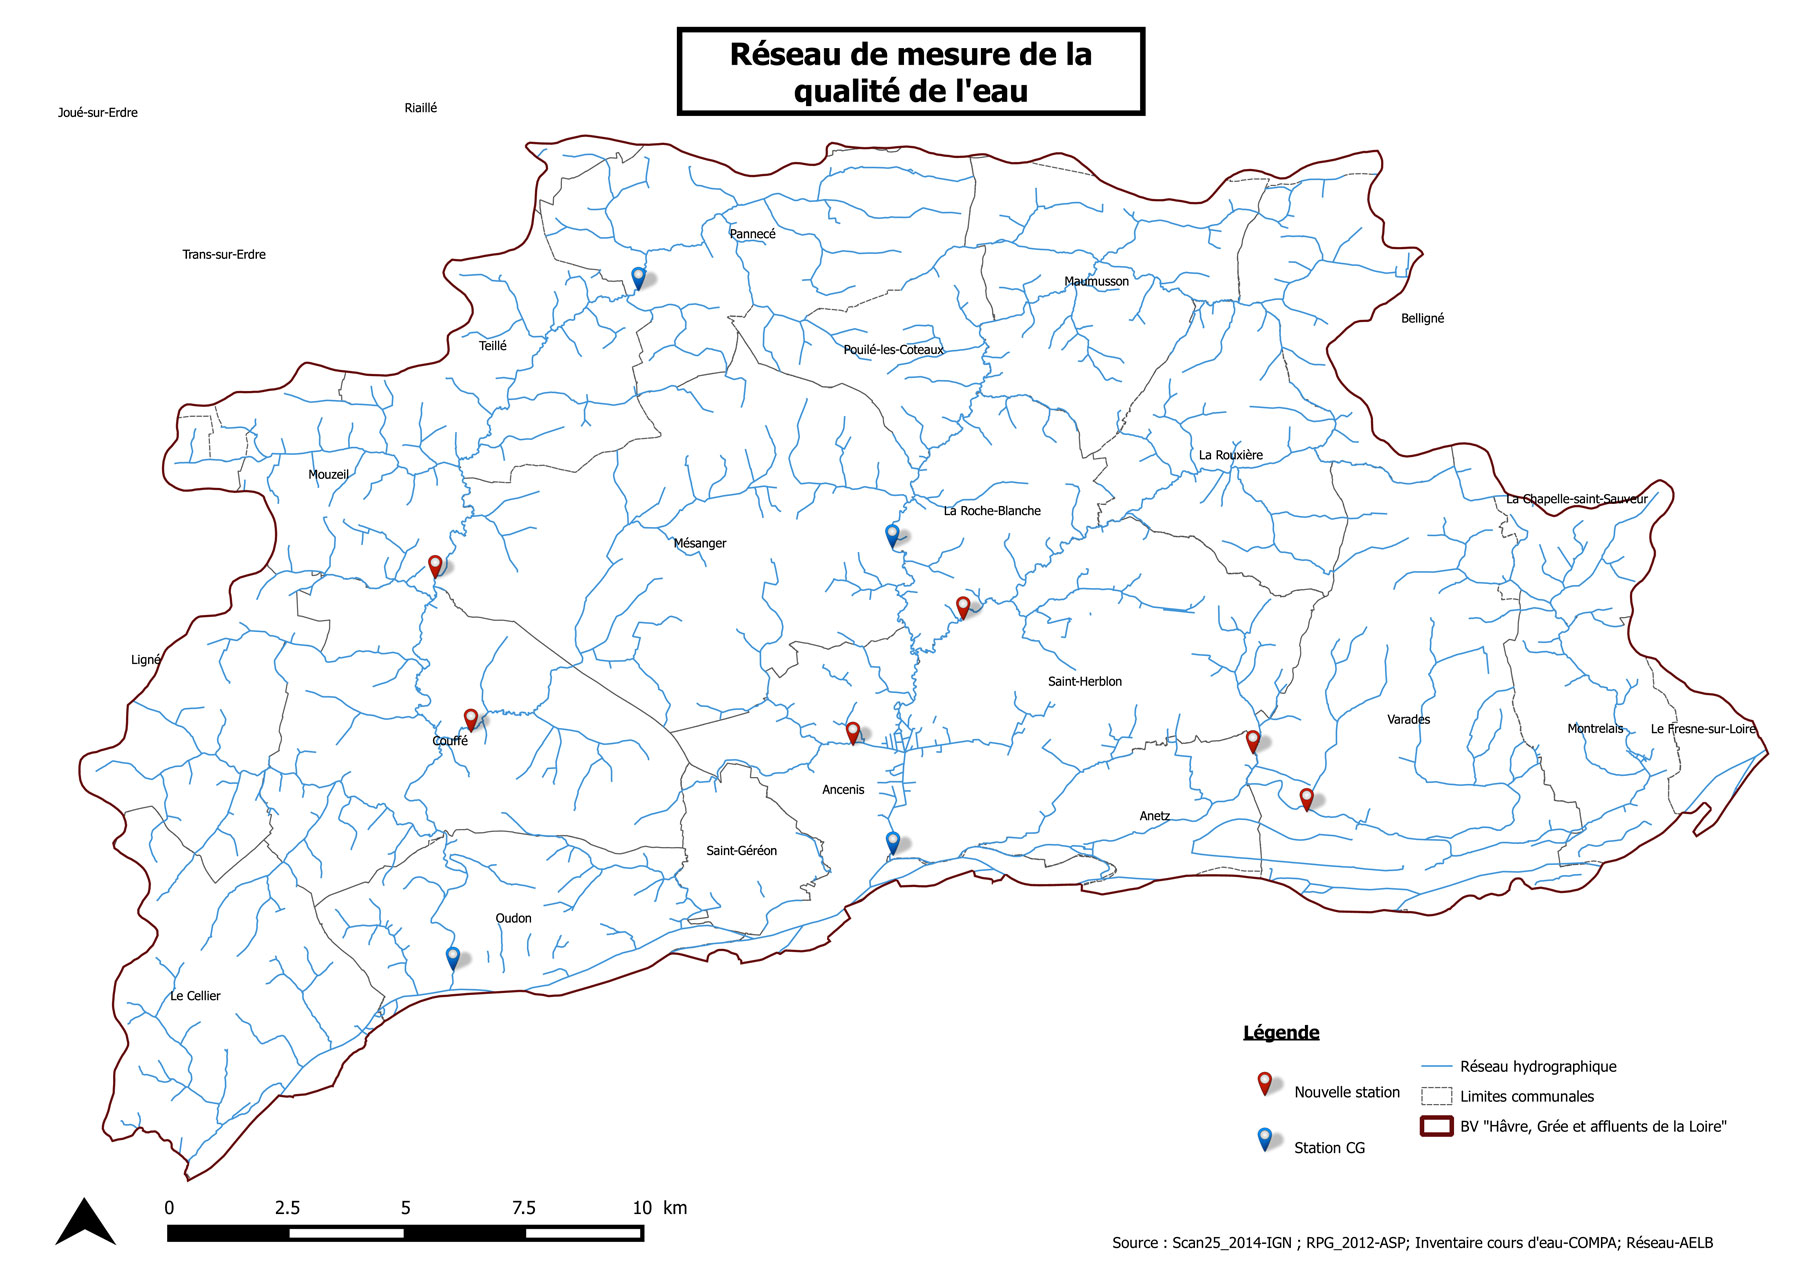 Carte de localisation du réseau de mesure de la qualité de l'eau